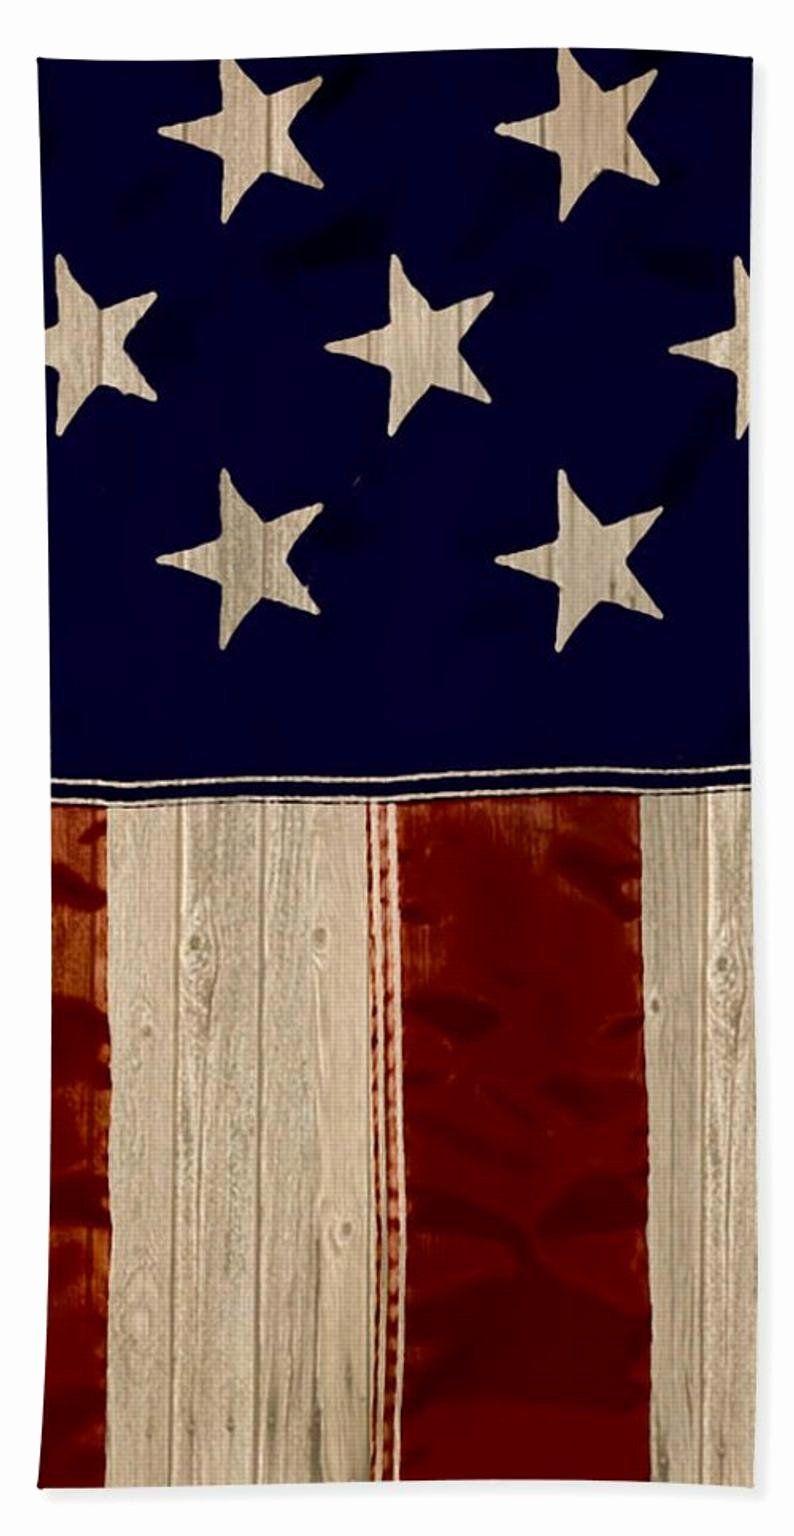 American Flag Bathroom Decor Lovely Aged Rustic American Flag Hand Towels Bath Towel And Bat Rustic American Flag Christmas Bathroom Decor Green Bathroom Decor American flag bathroom decor